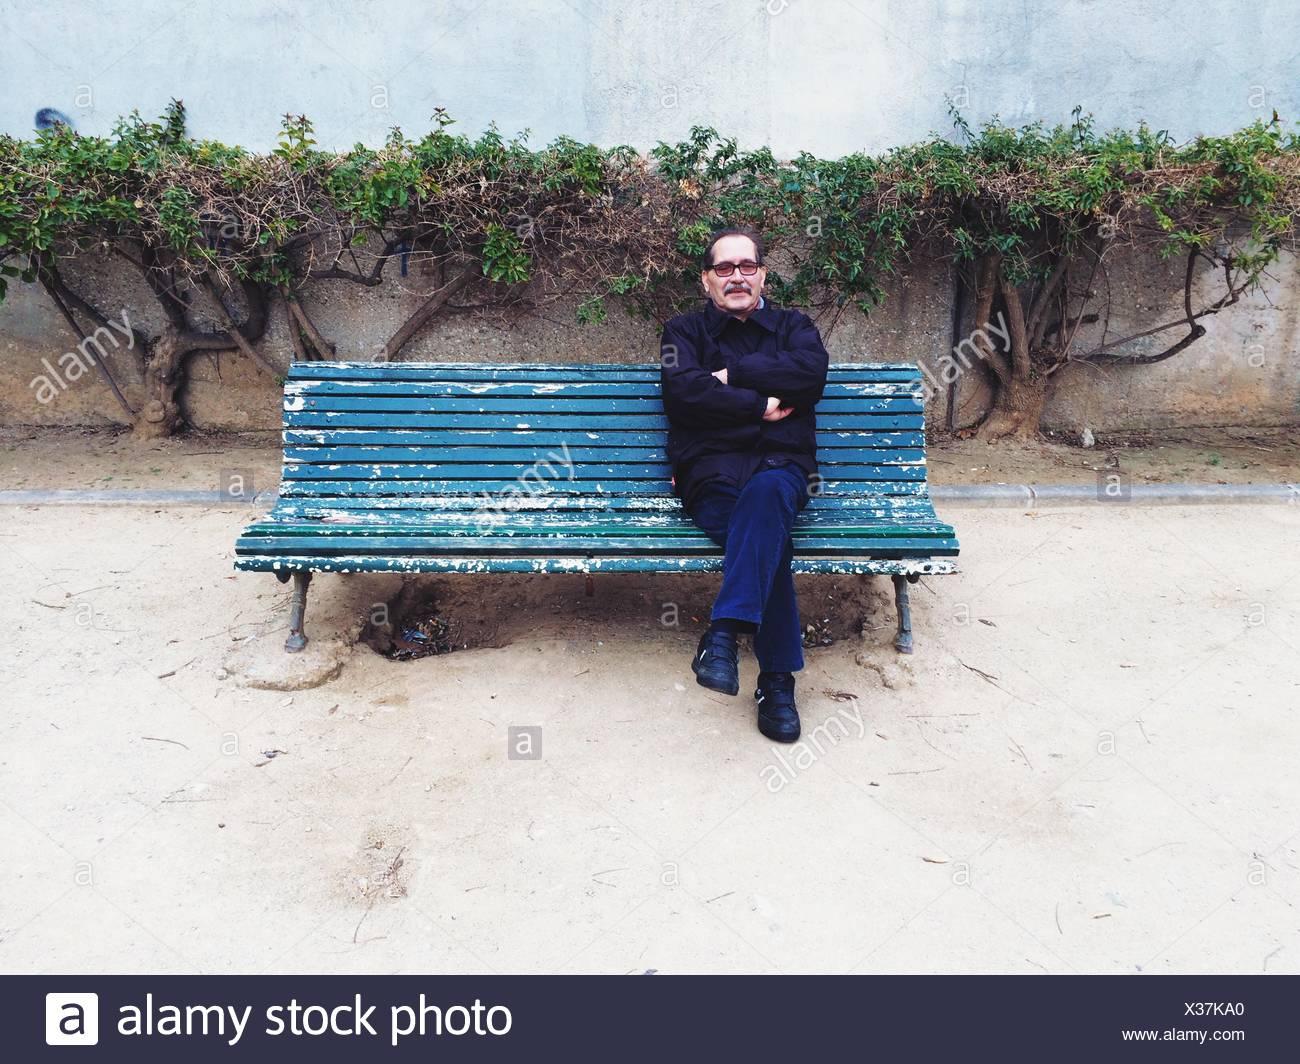 Toute la longueur de Man Relaxing On Park Bench Photo Stock